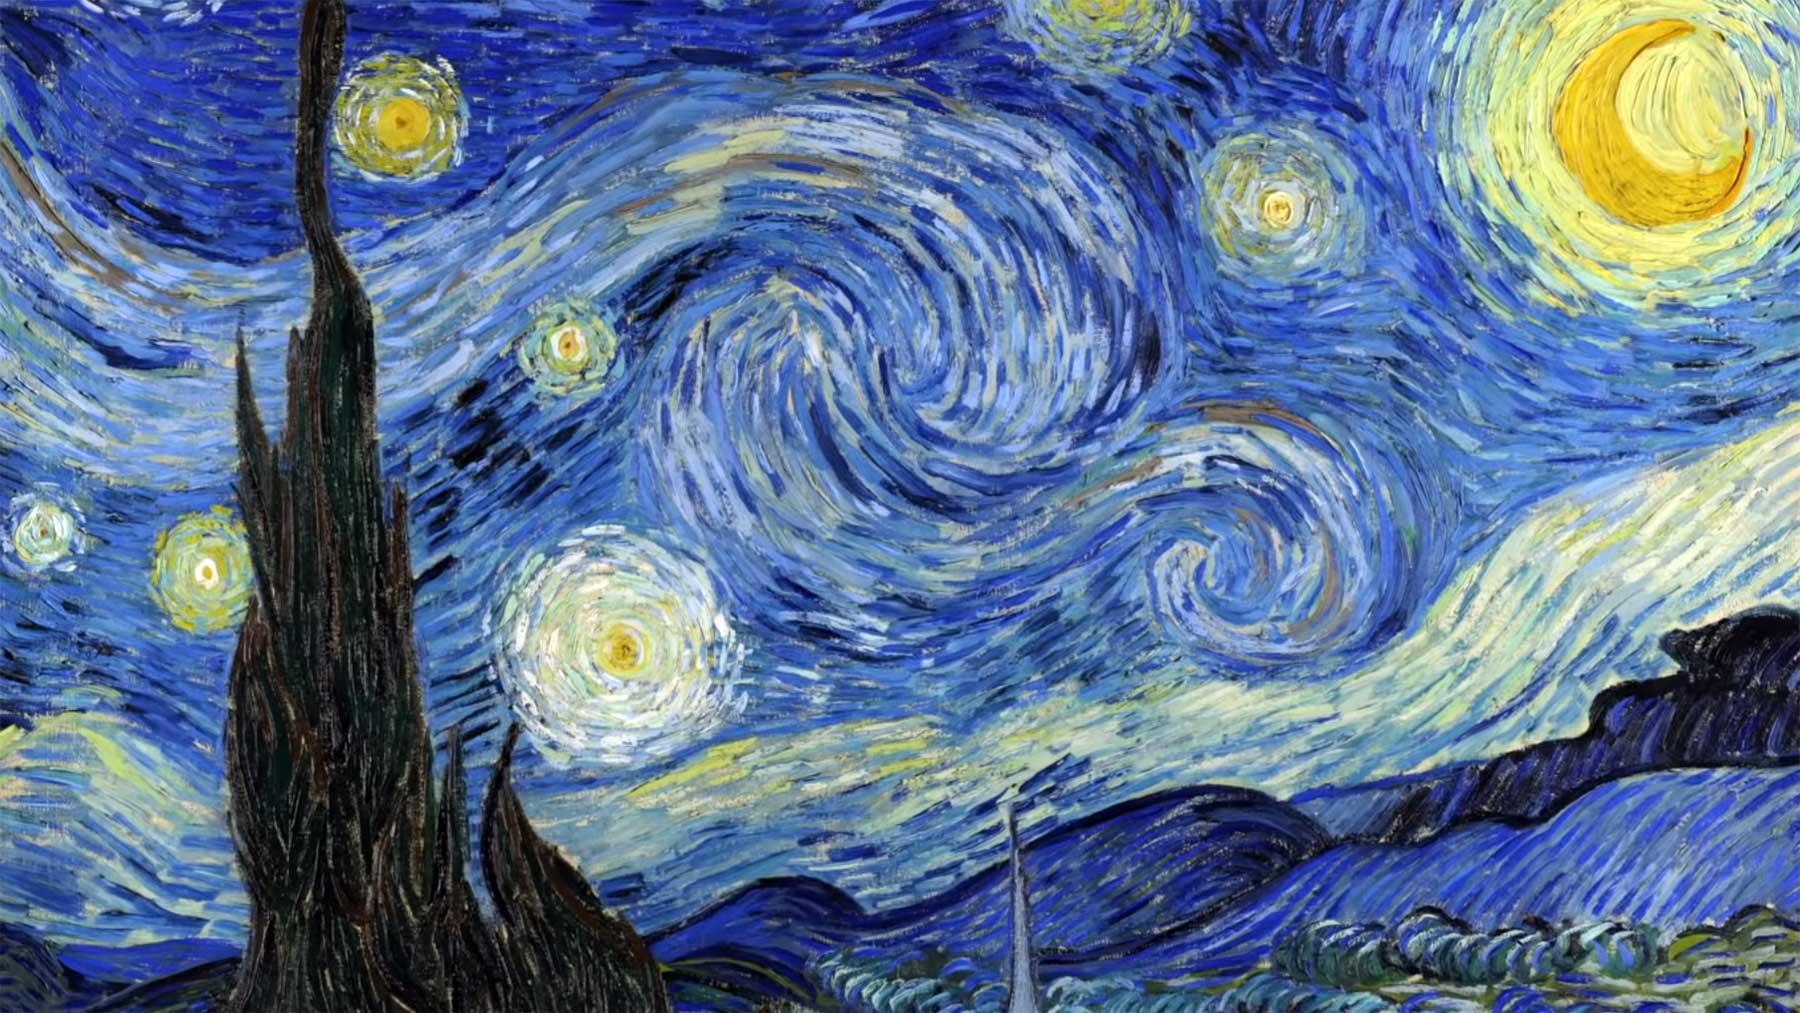 """Kunst erklärt: """"Die Sternennacht"""" von Vincent van Gogh vincent-van-gogh-die-sternennacht-interpretation"""